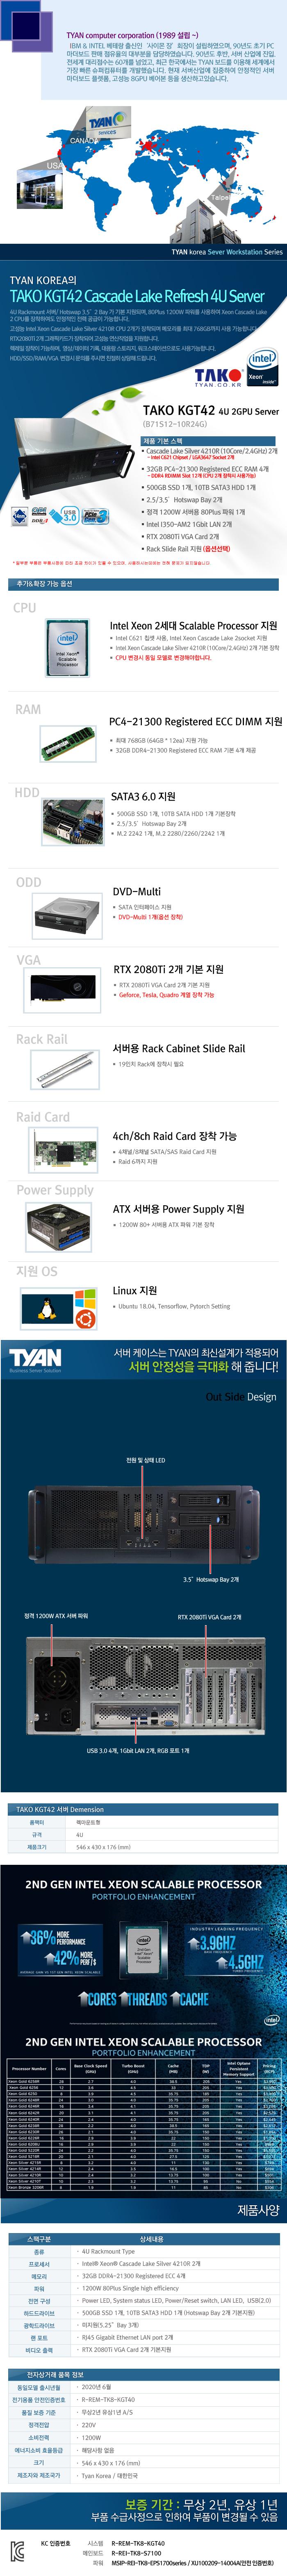 TYAN TAKO-KGT42-(B71S12-10R24G) 2GPU (128GB, SSD 500GB + 10TB)